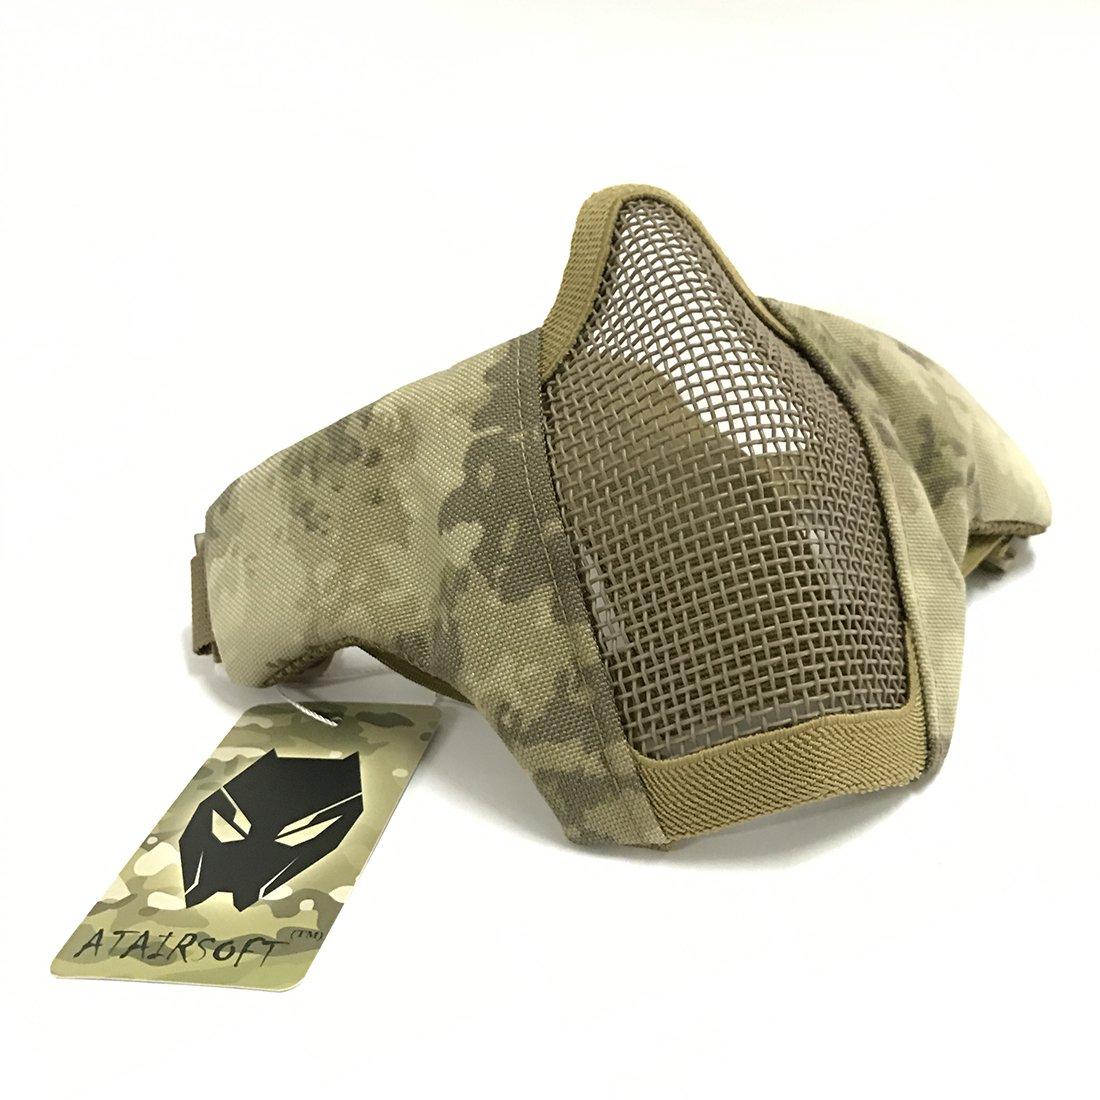 Skull Media m/áscara t/áctica Worldshopping4u con 2 correas para proteger la cara durante el paintballl o airsoft